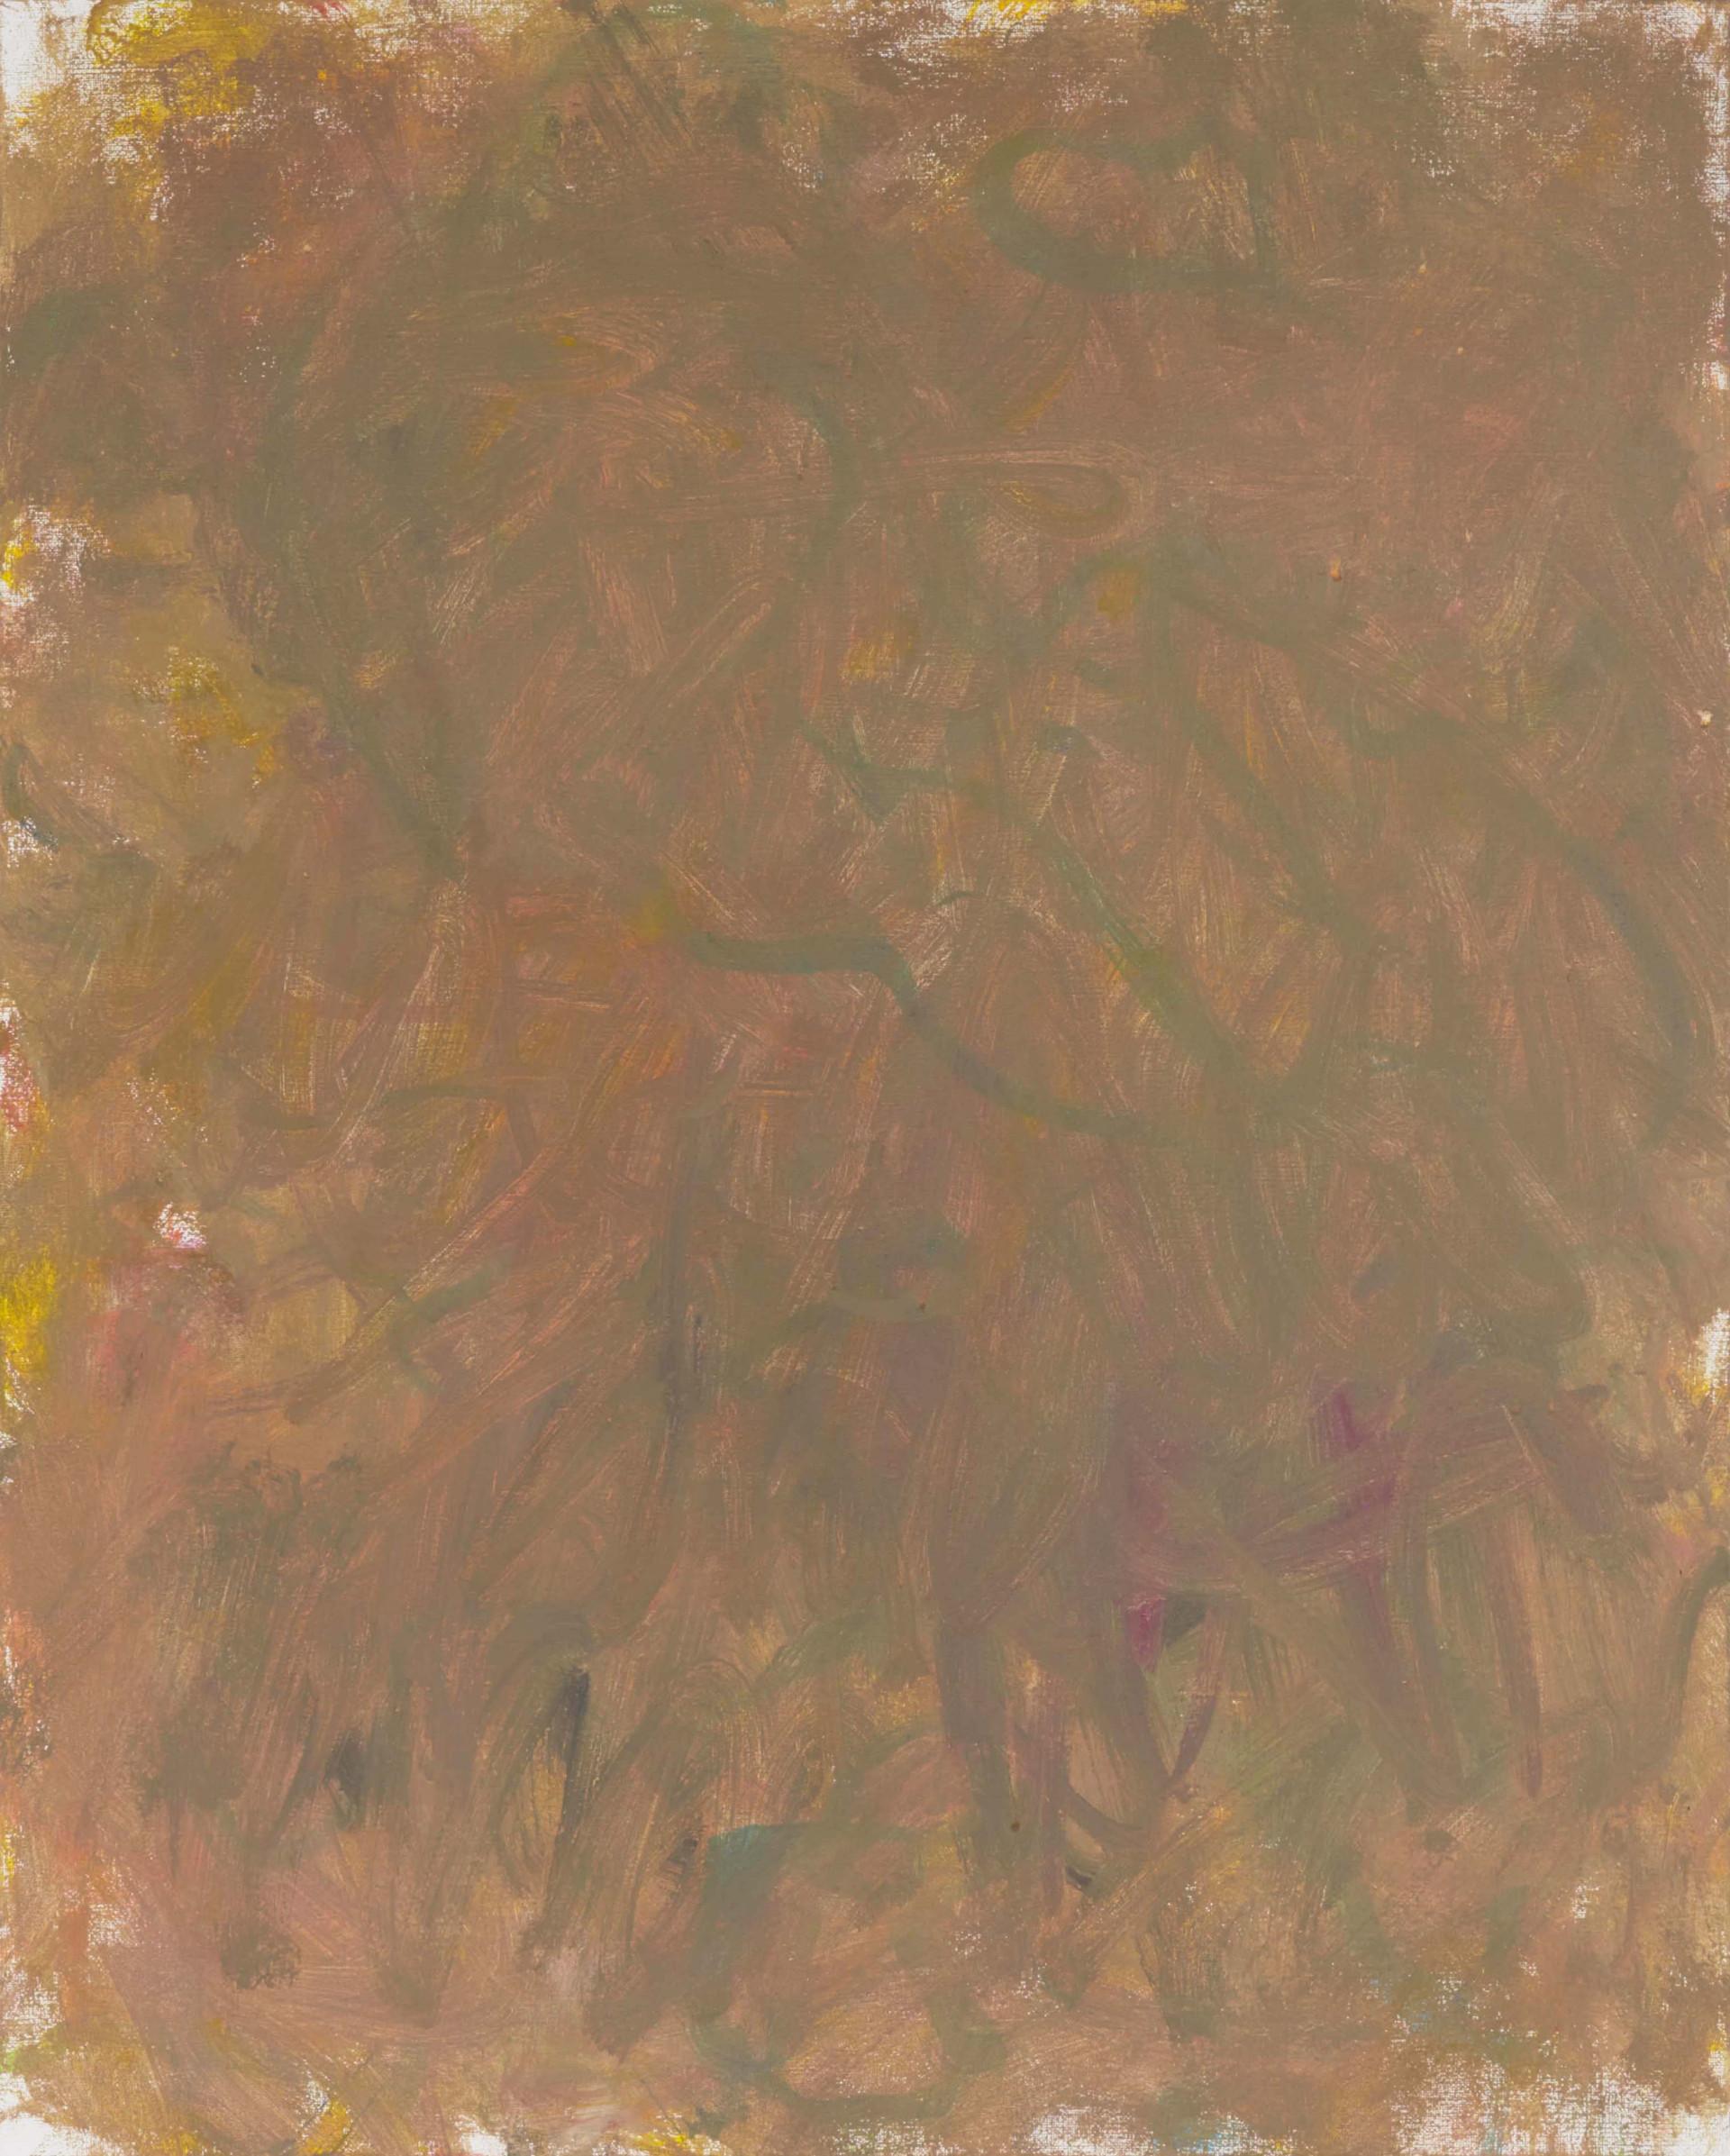 Sans titre (LA 01-08), 2019, acrylique sur toile, 81 x 65 cm